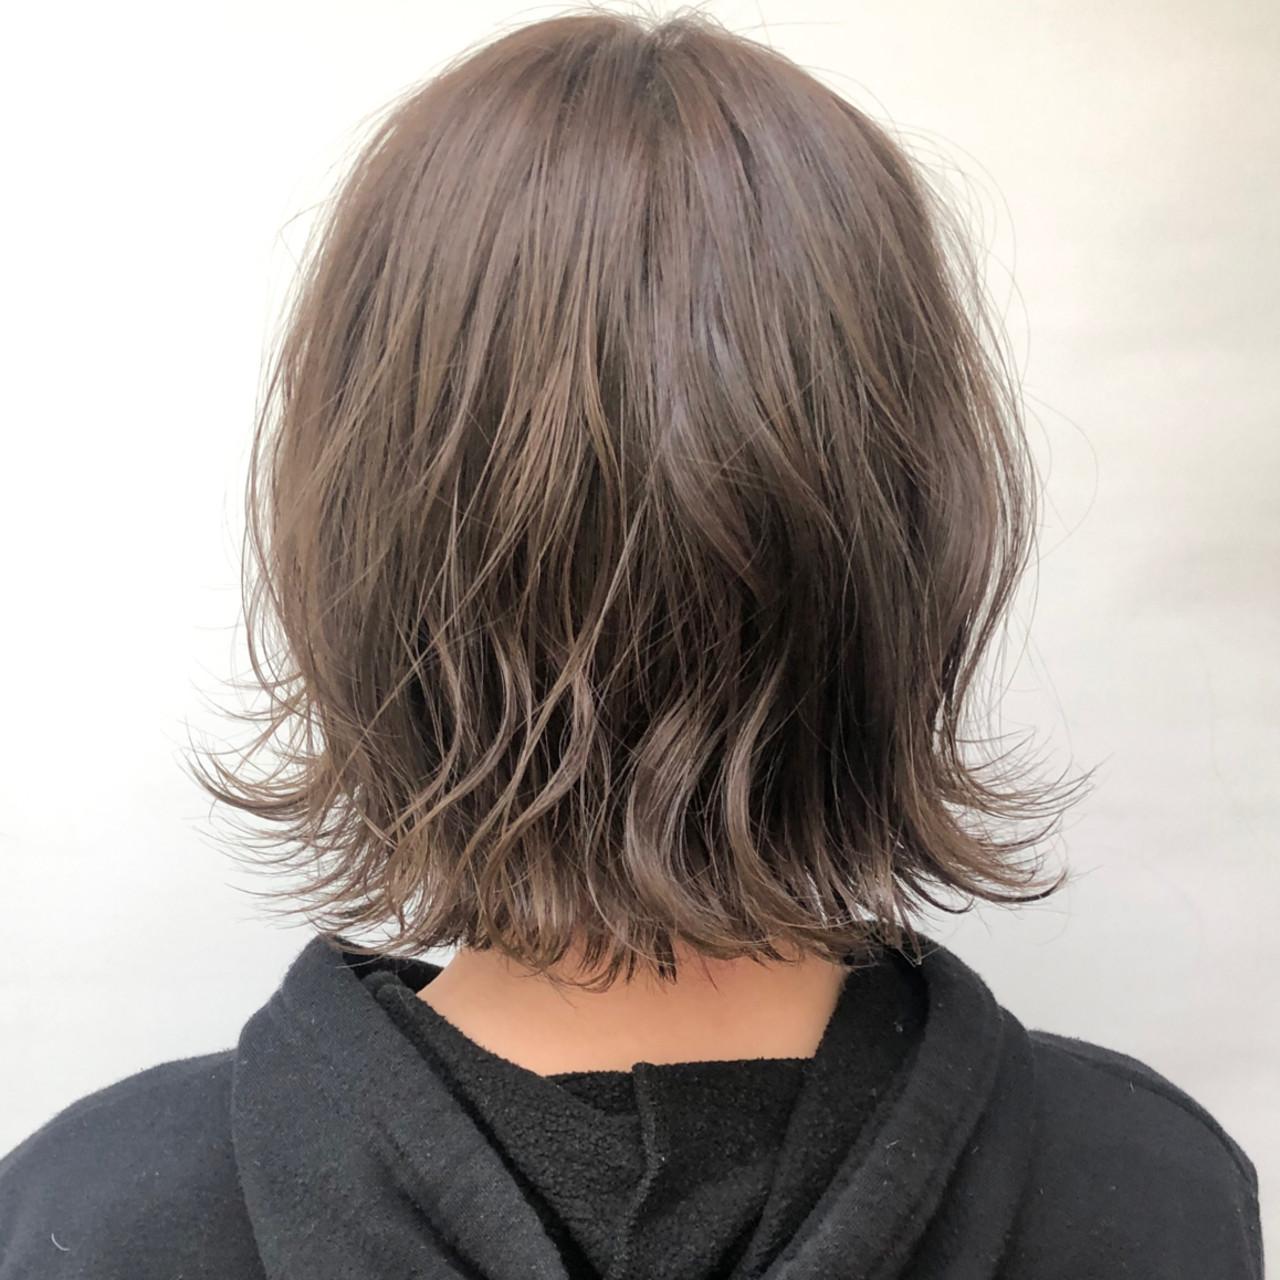 ボブ 切りっぱなしボブ ミルクティーグレージュ ミルクティーベージュ ヘアスタイルや髪型の写真・画像 | 松尾あんな / Neolive quattro